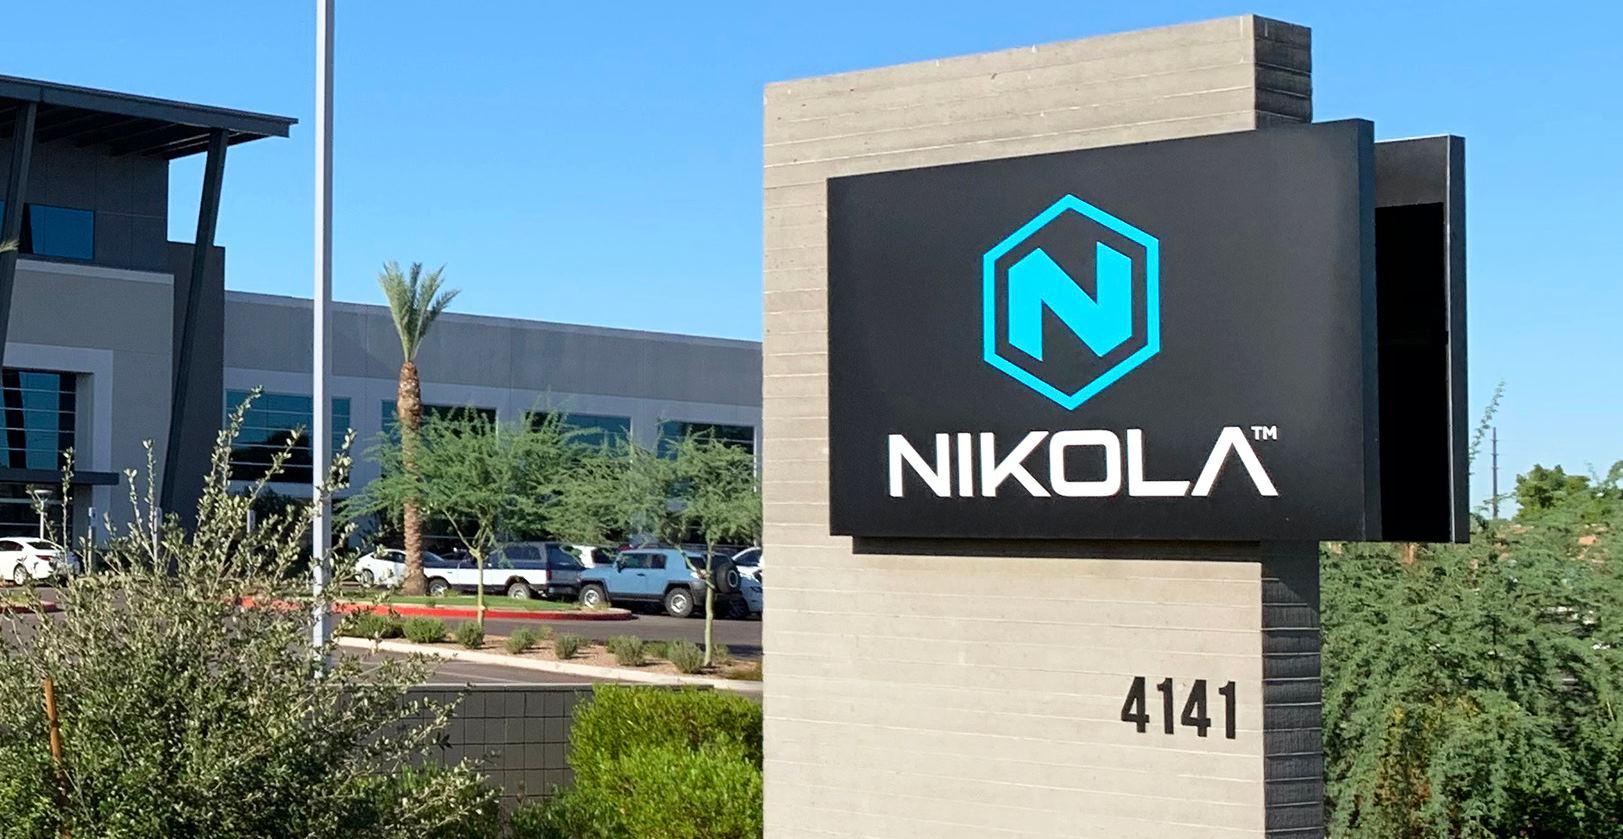 Nikola, empresa de camiones eléctricos, acusada de fraude